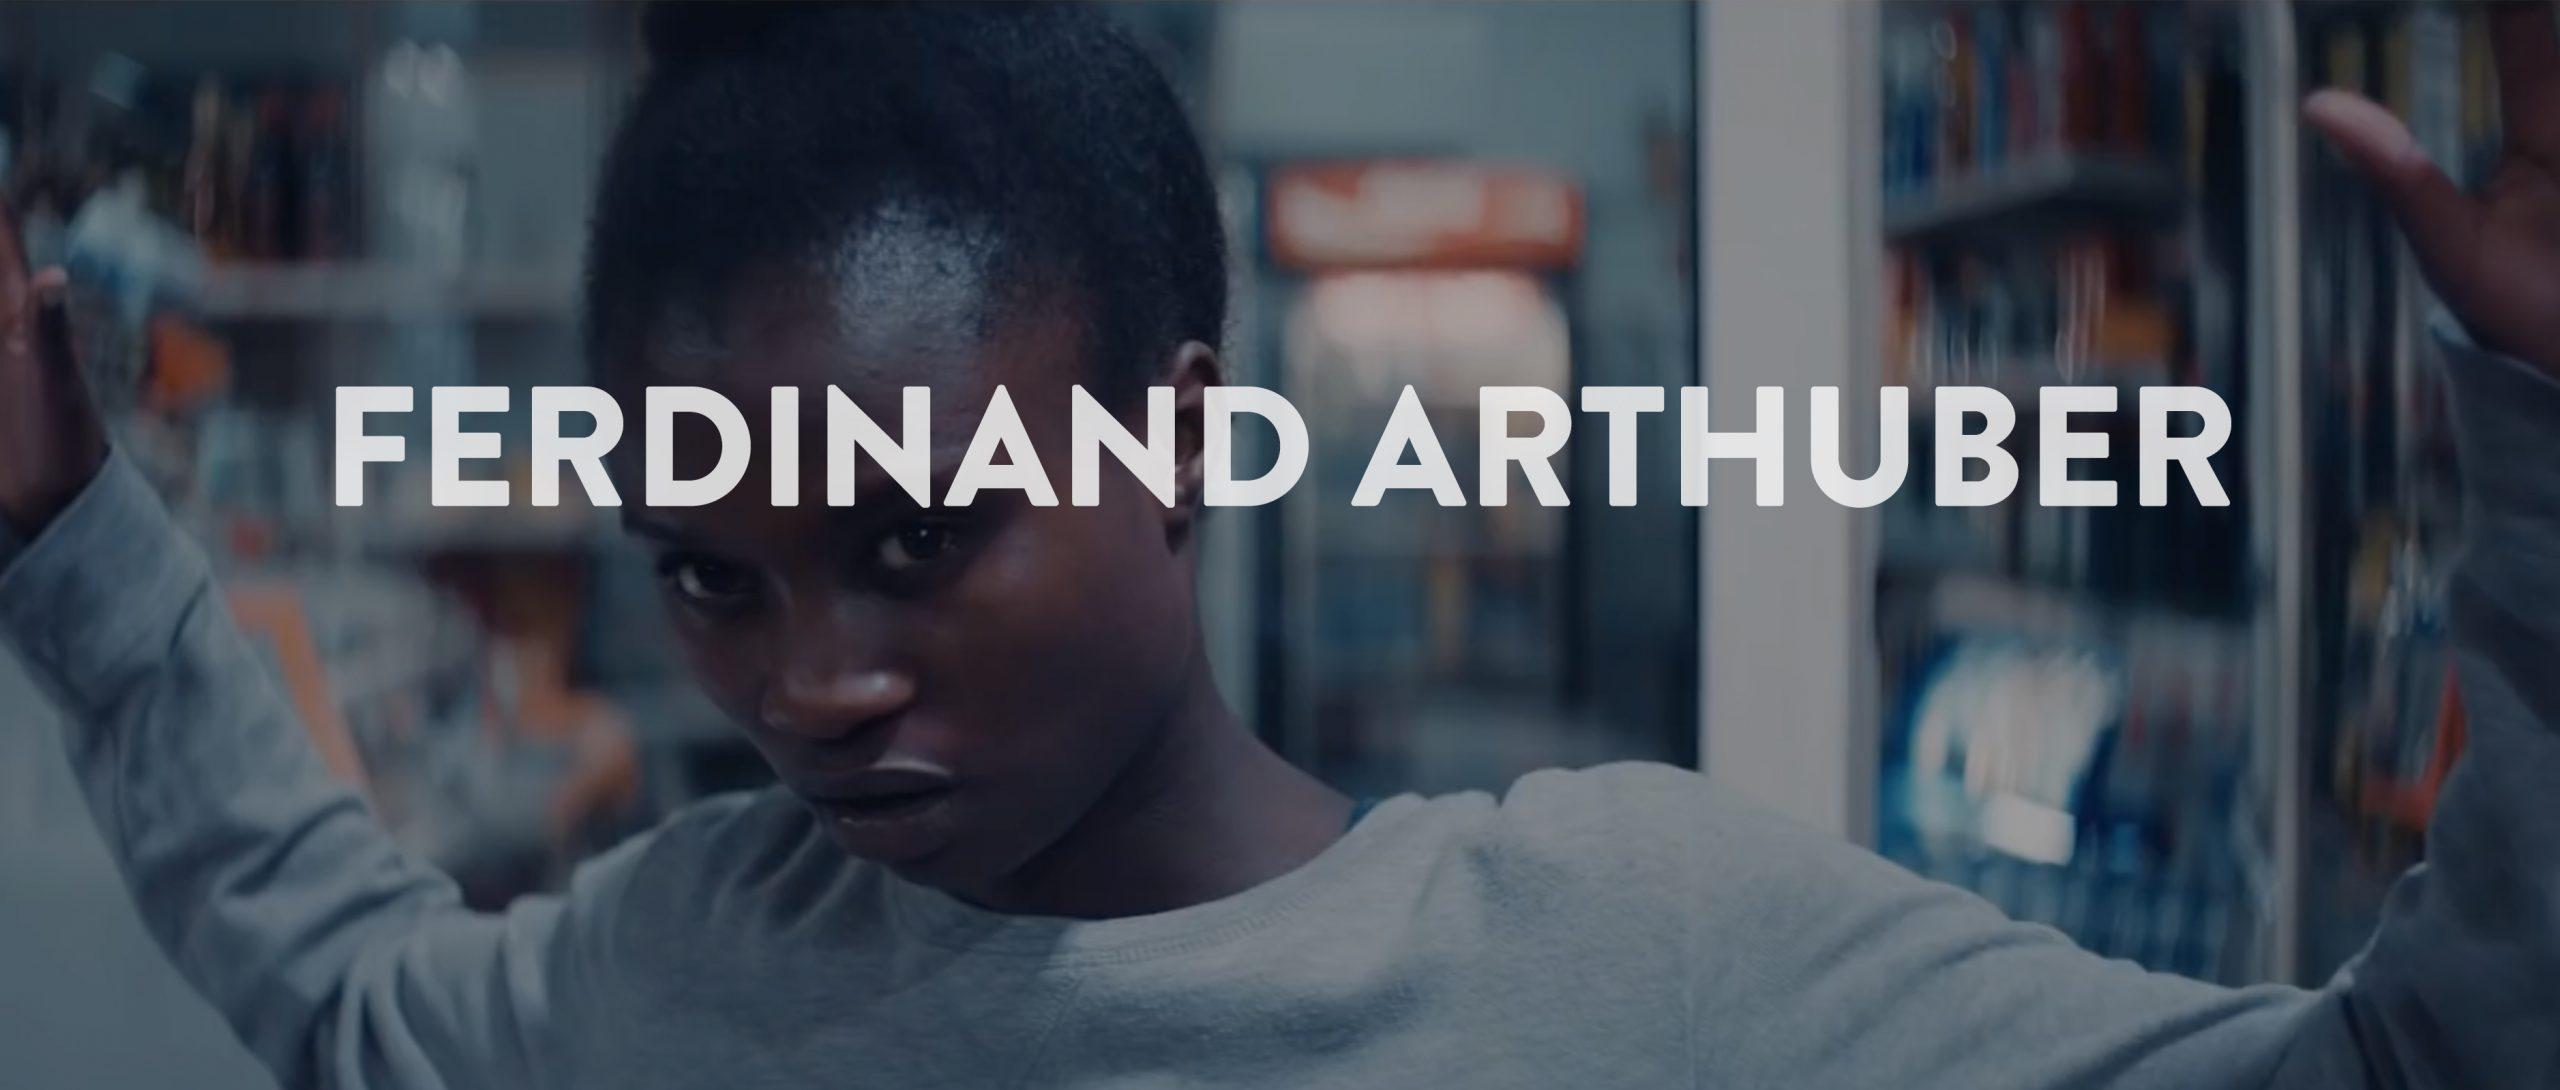 Ferdinand Arthuber